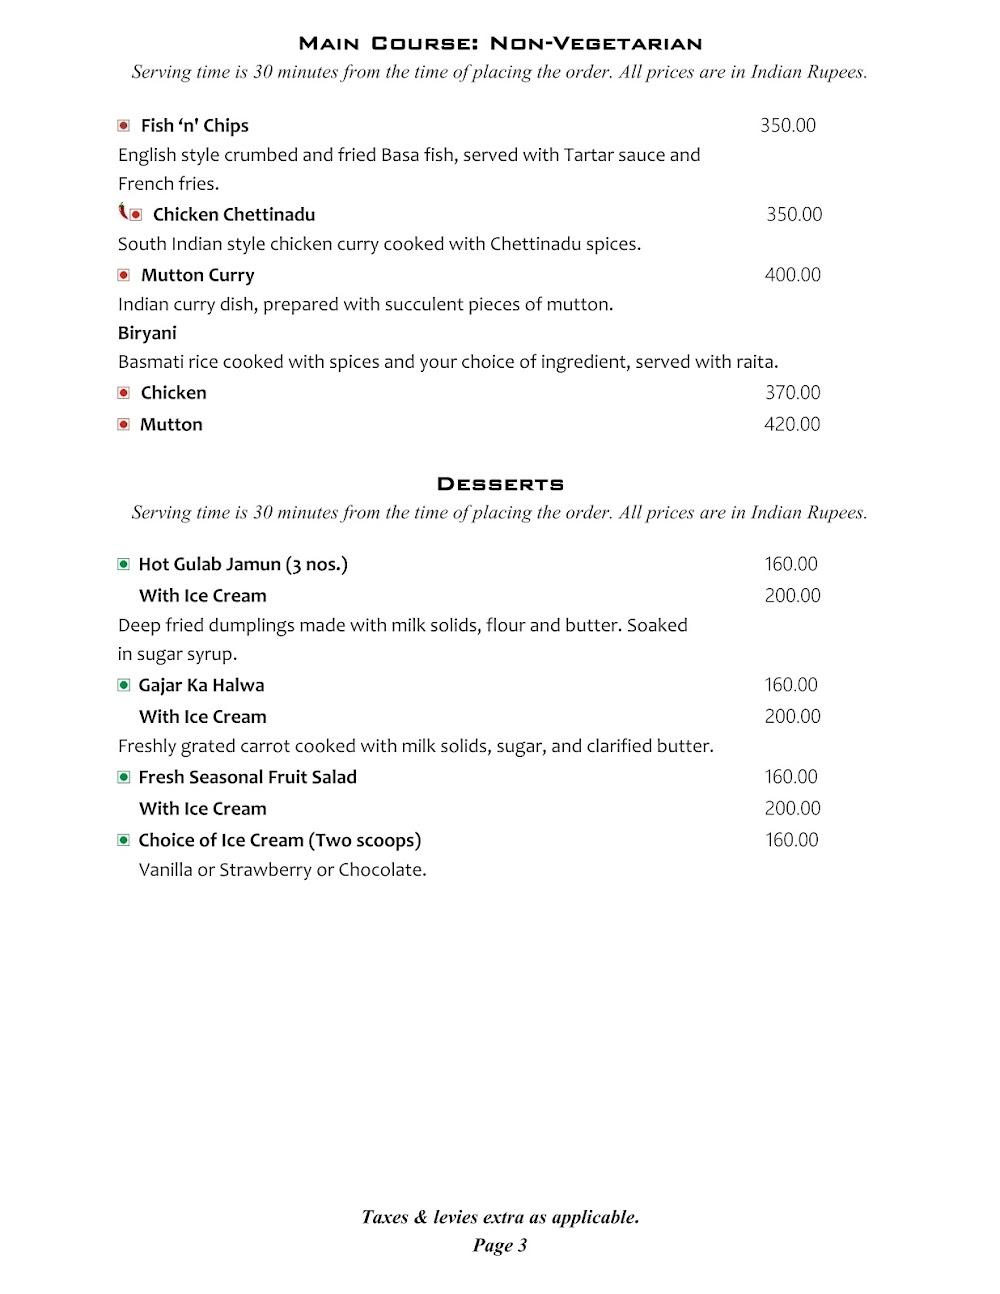 Cafe @ Elanza menu 13